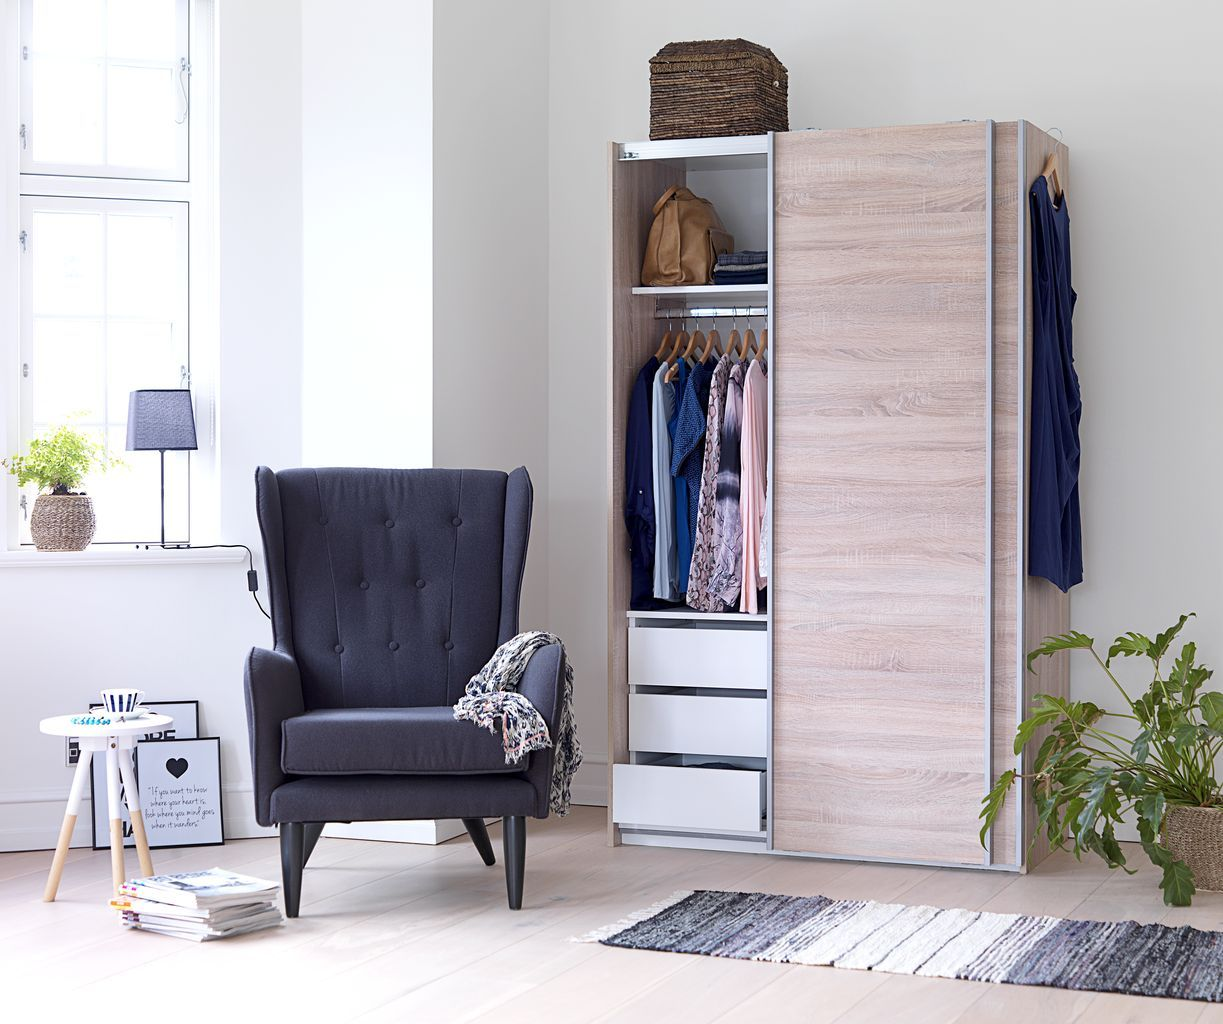 tarp garderobekast + sunrise fauteuil   jysk #jysk #slaapkamer, Deco ideeën